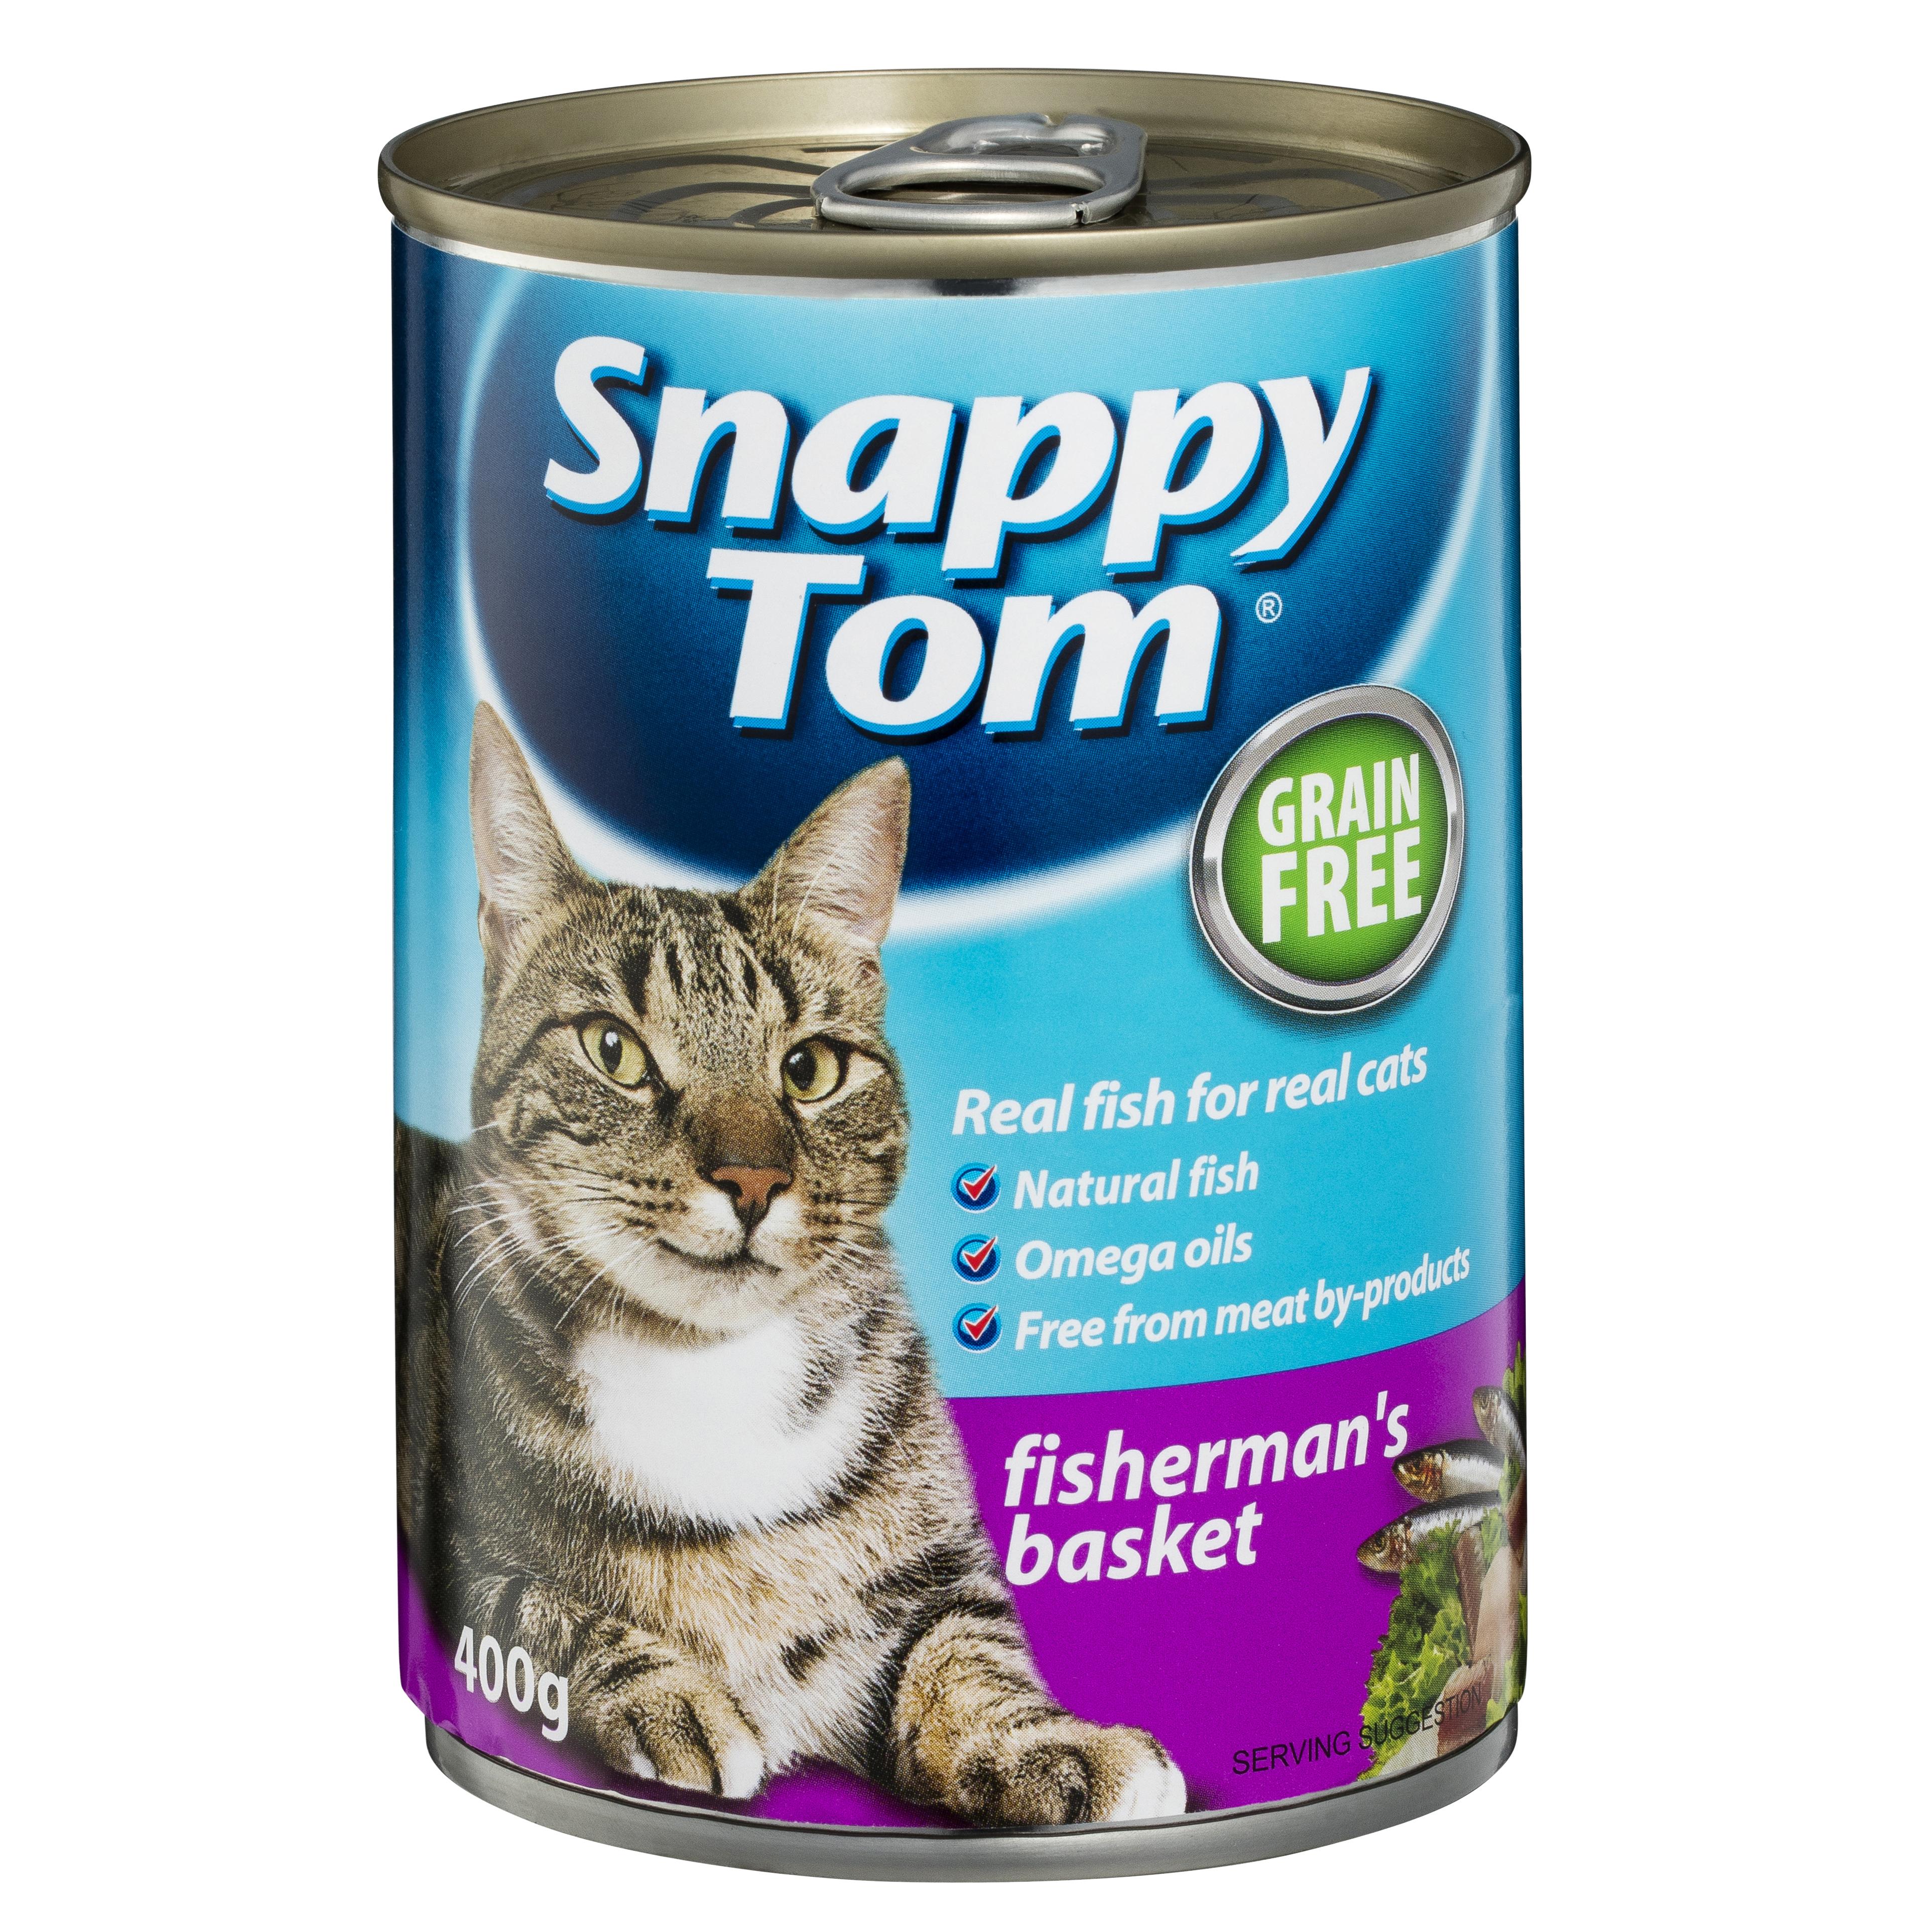 snappy-tom-fishermans-basket-400g-0